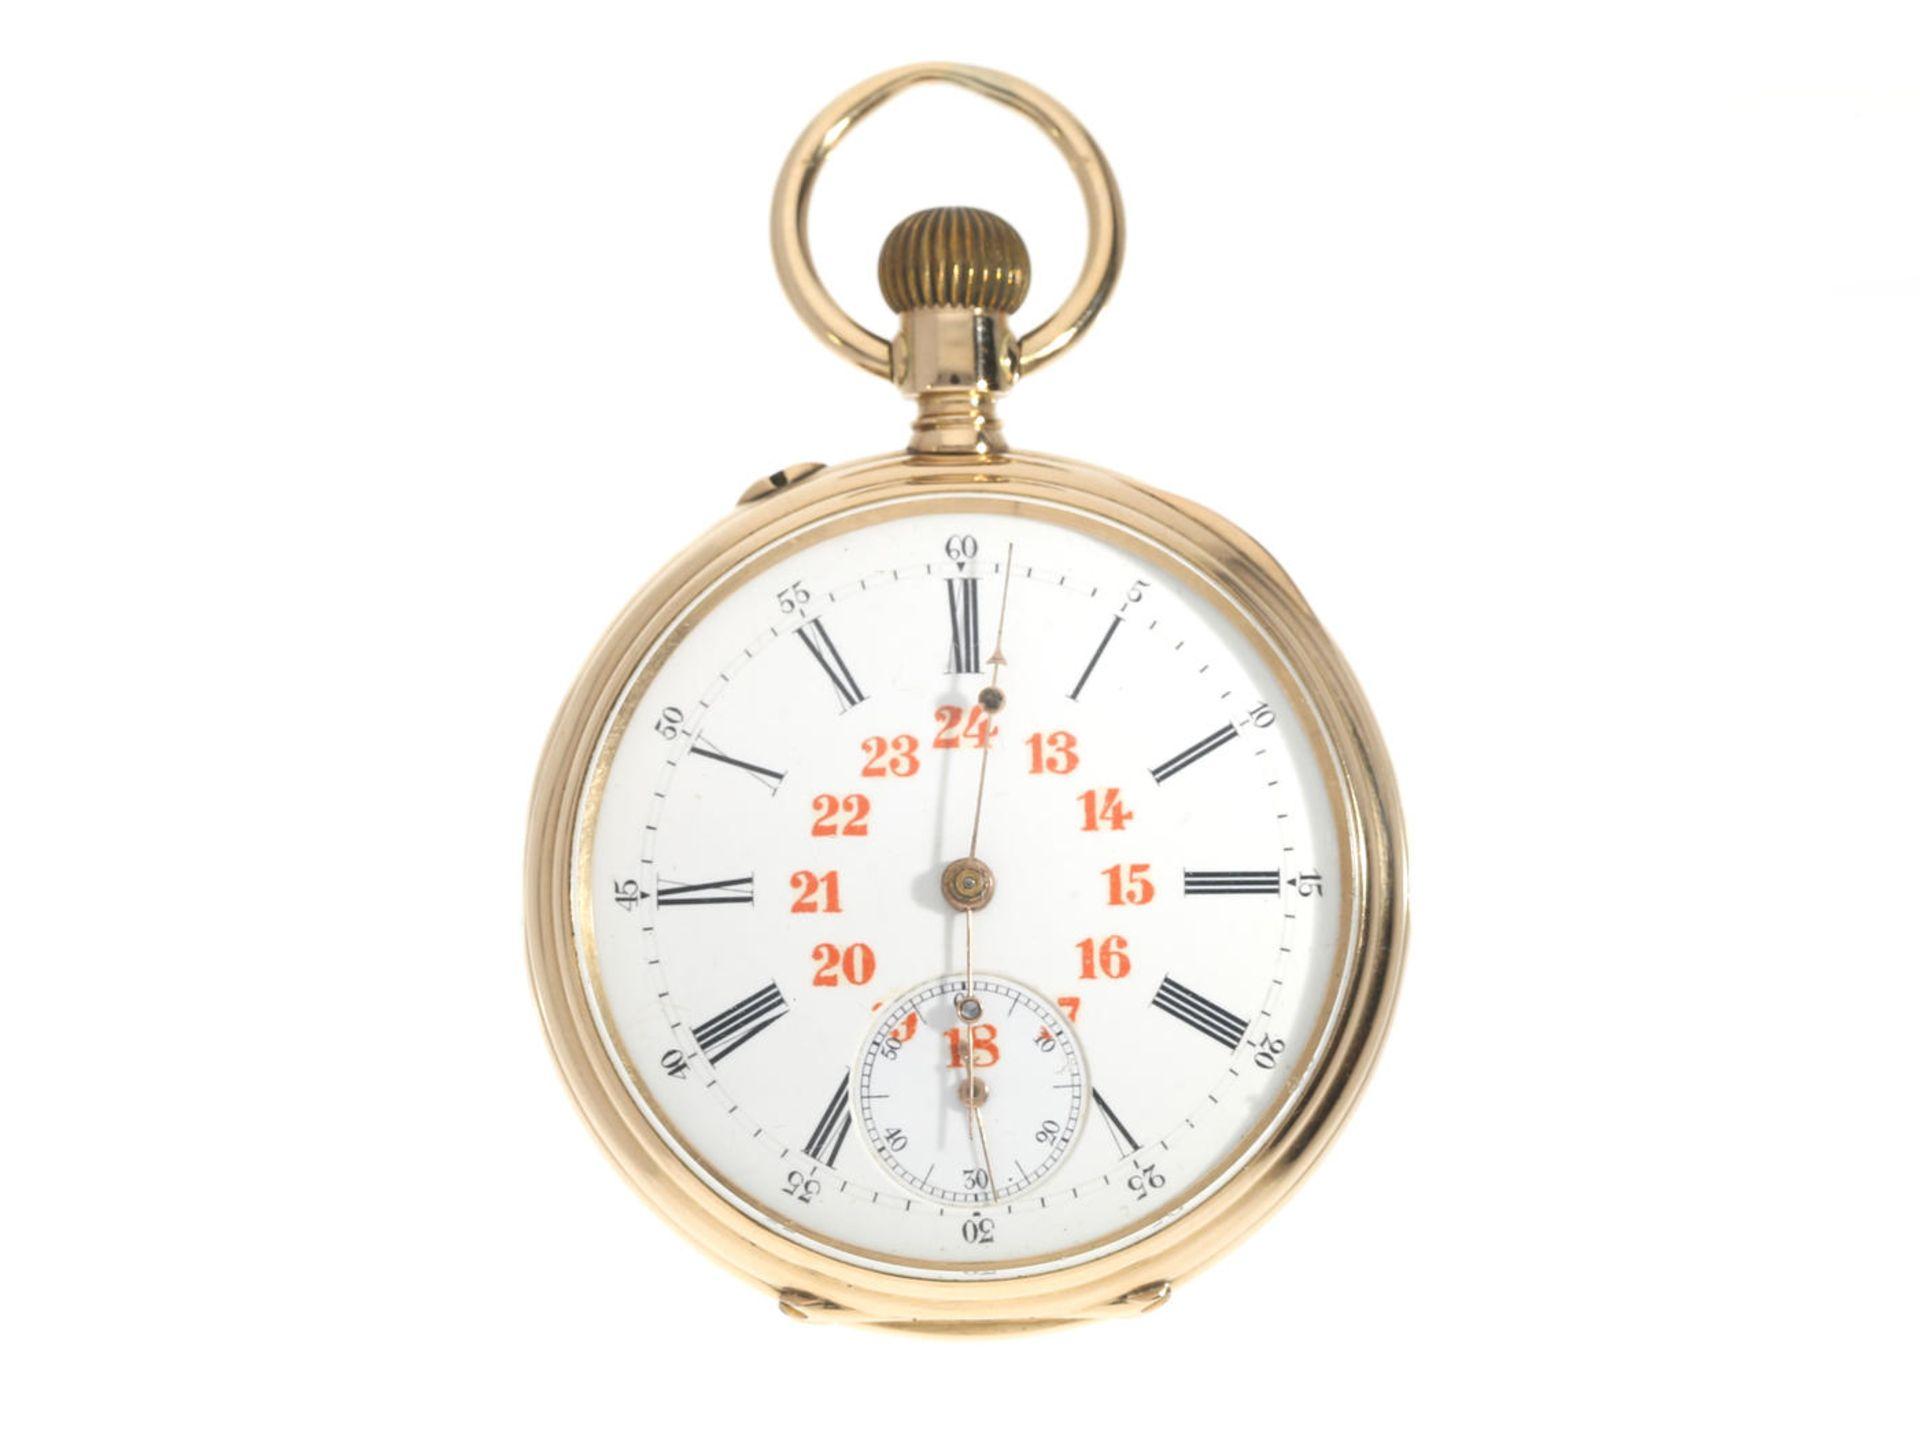 Taschenuhr: feine goldene Taschenuhr, Ankerchronometer, Vve. Henri Monney Biel, Schweiz um 1890